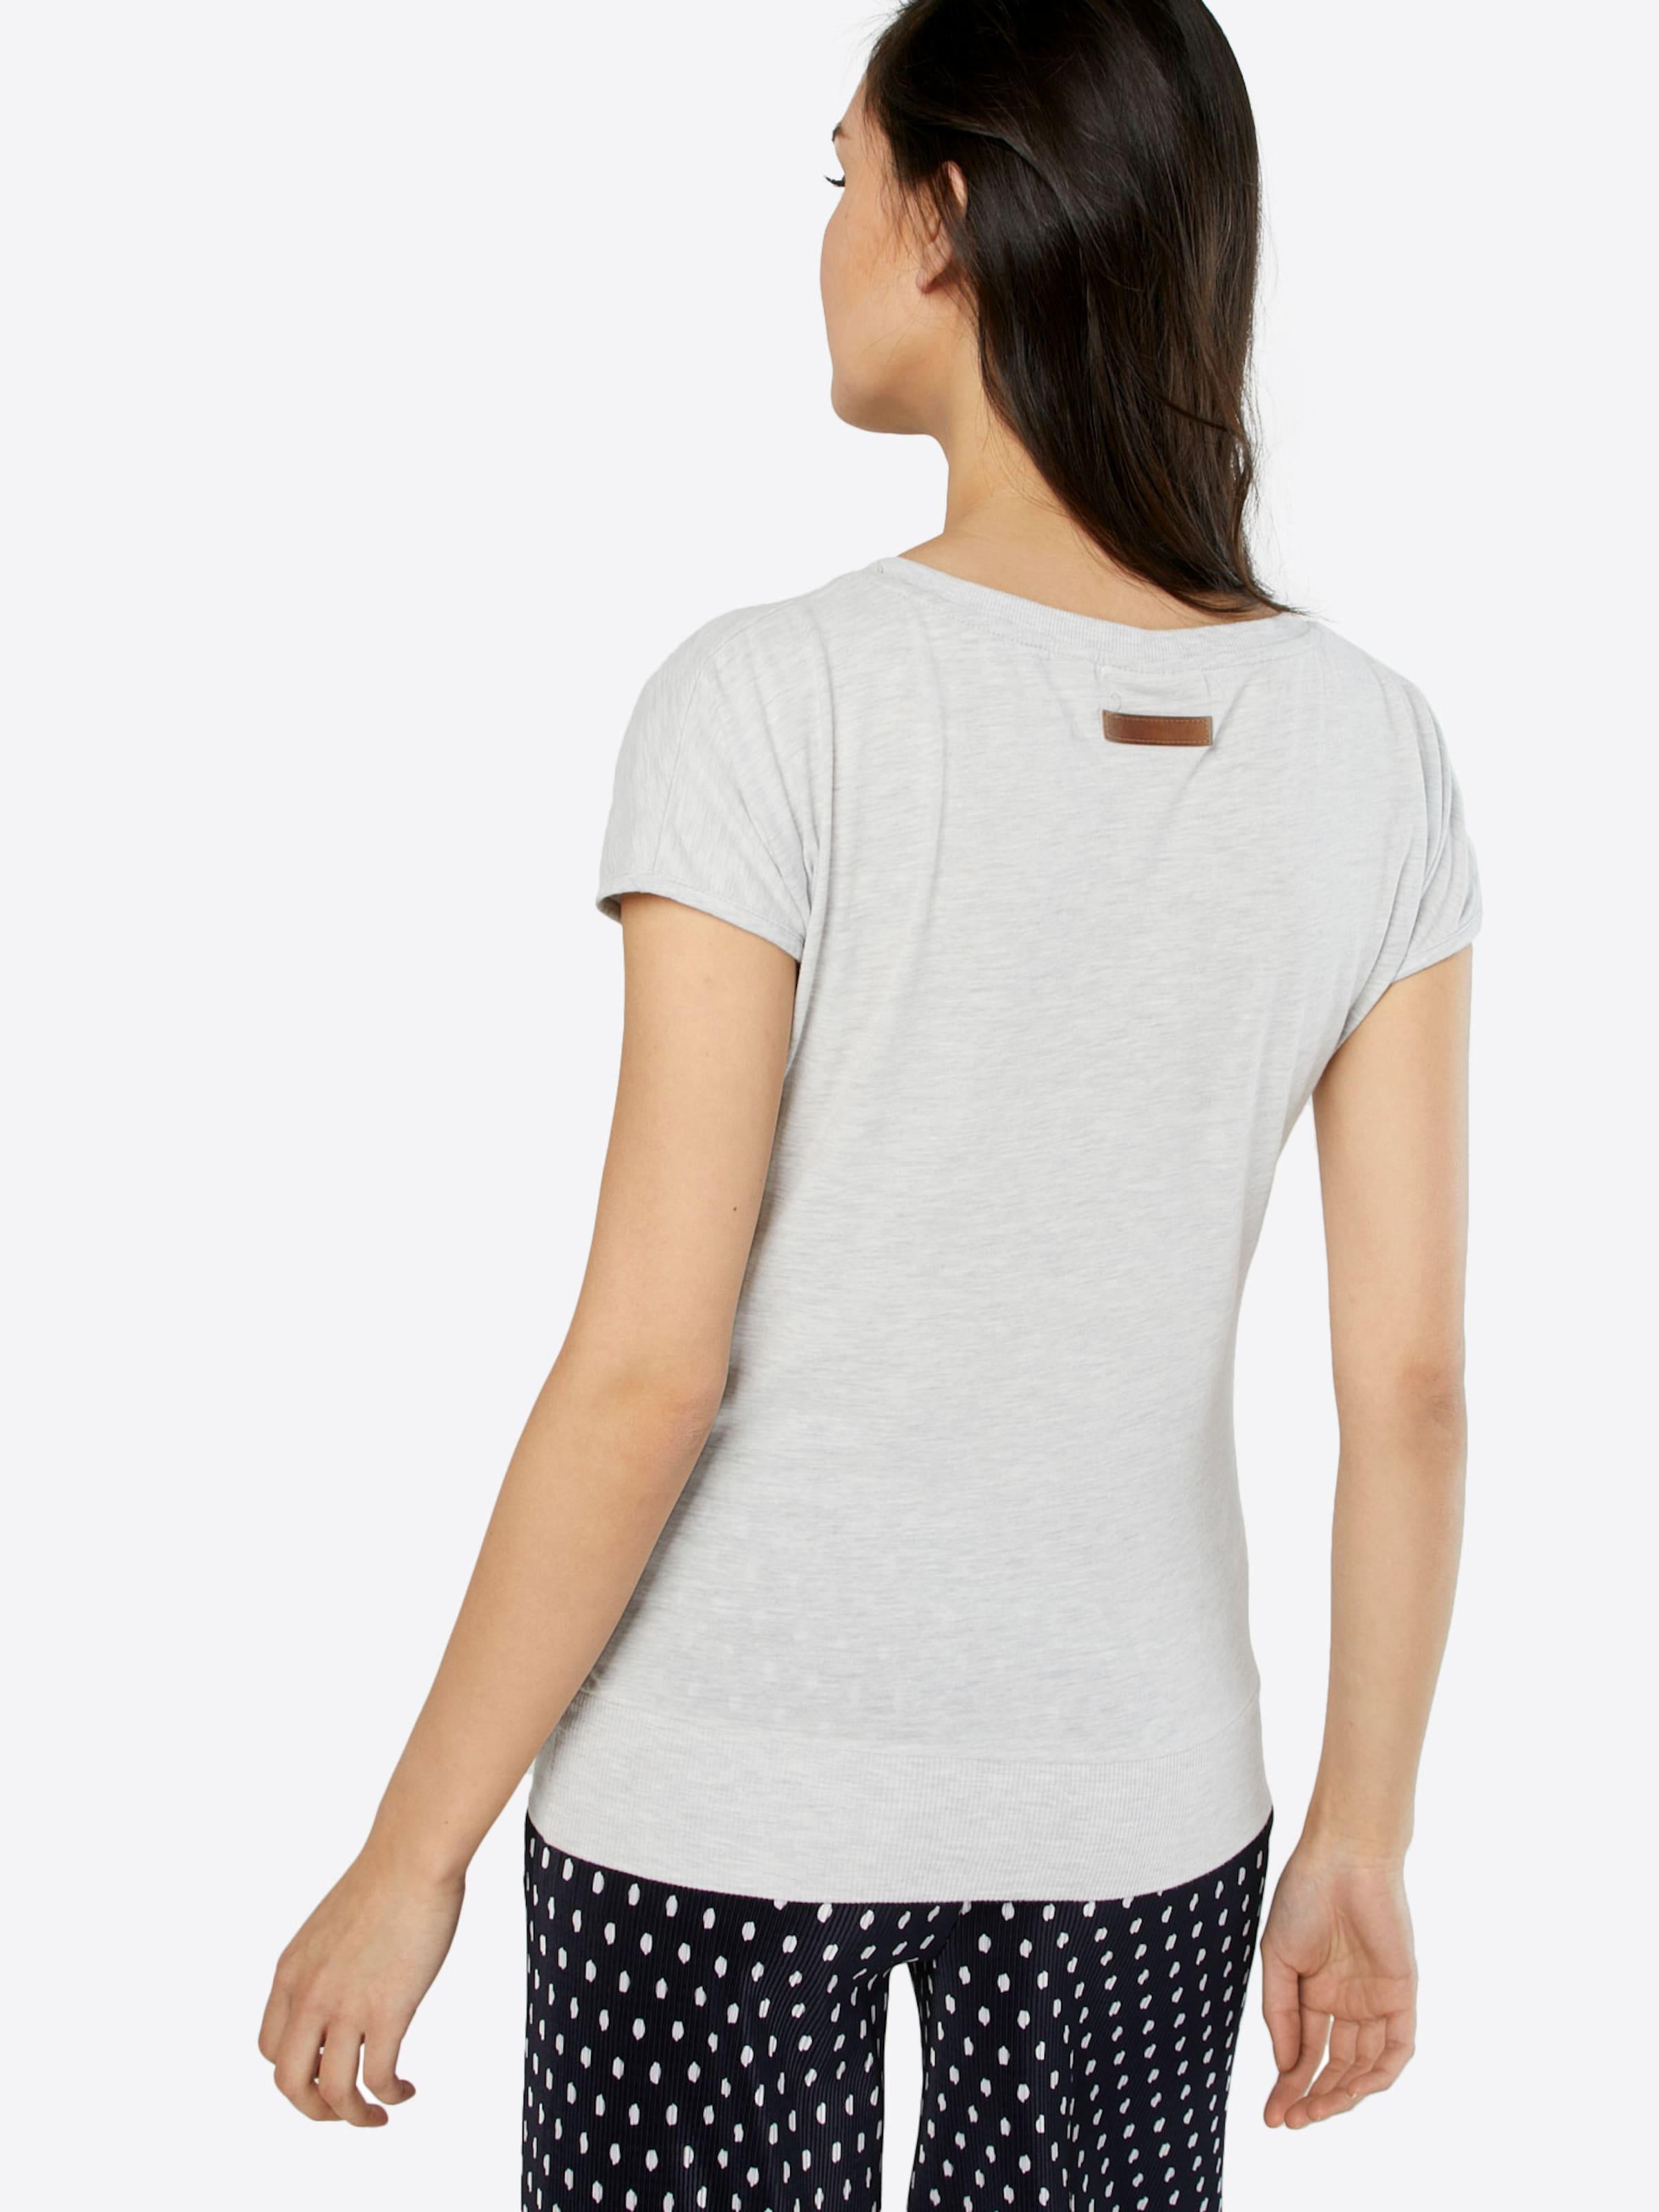 naketano T-Shirt Billig Zuverlässig TuXi56du